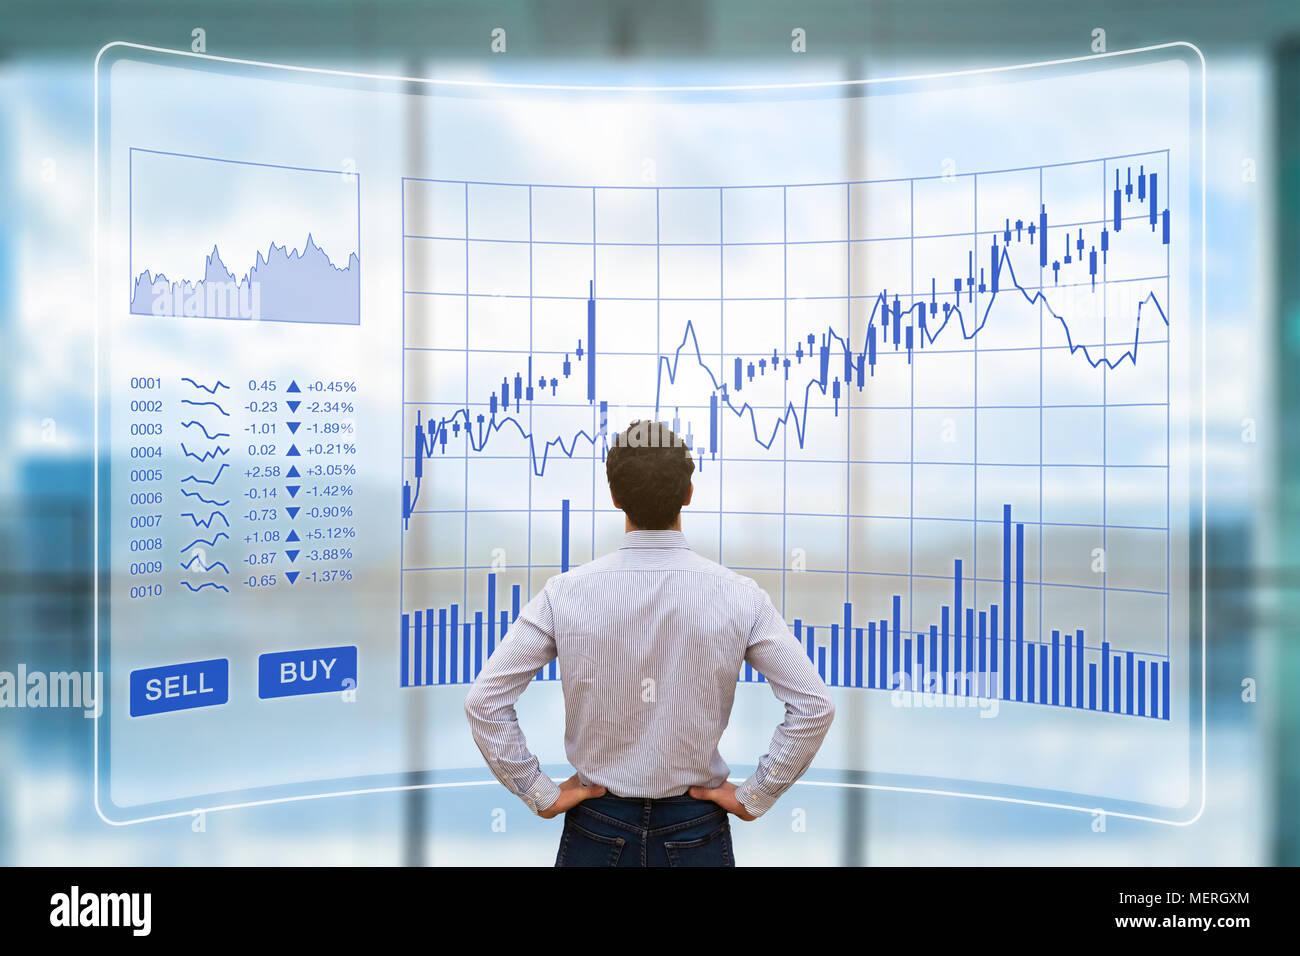 Händler Analyse Forex (Foreign Exchange) trading Charts mit Tasten kaufen auf dem Bildschirm Schnittstelle, Finanz Technologie (fintech) Börse anhand von quantitativen Simulatio Stockbild